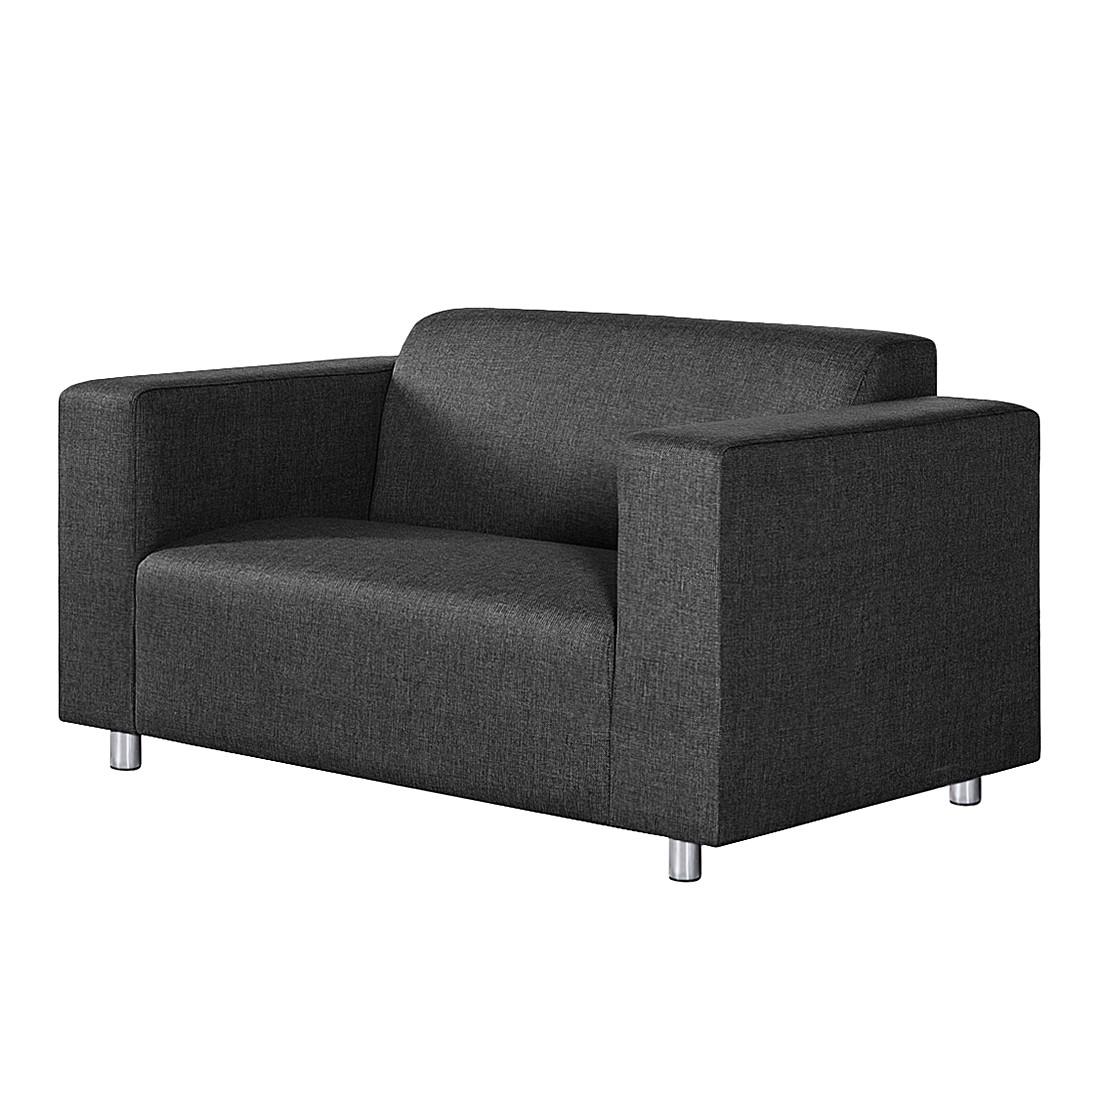 Sofa Oslo (2-Sitzer) – Strukturstoff Anthrazit, roomscape günstig online kaufen